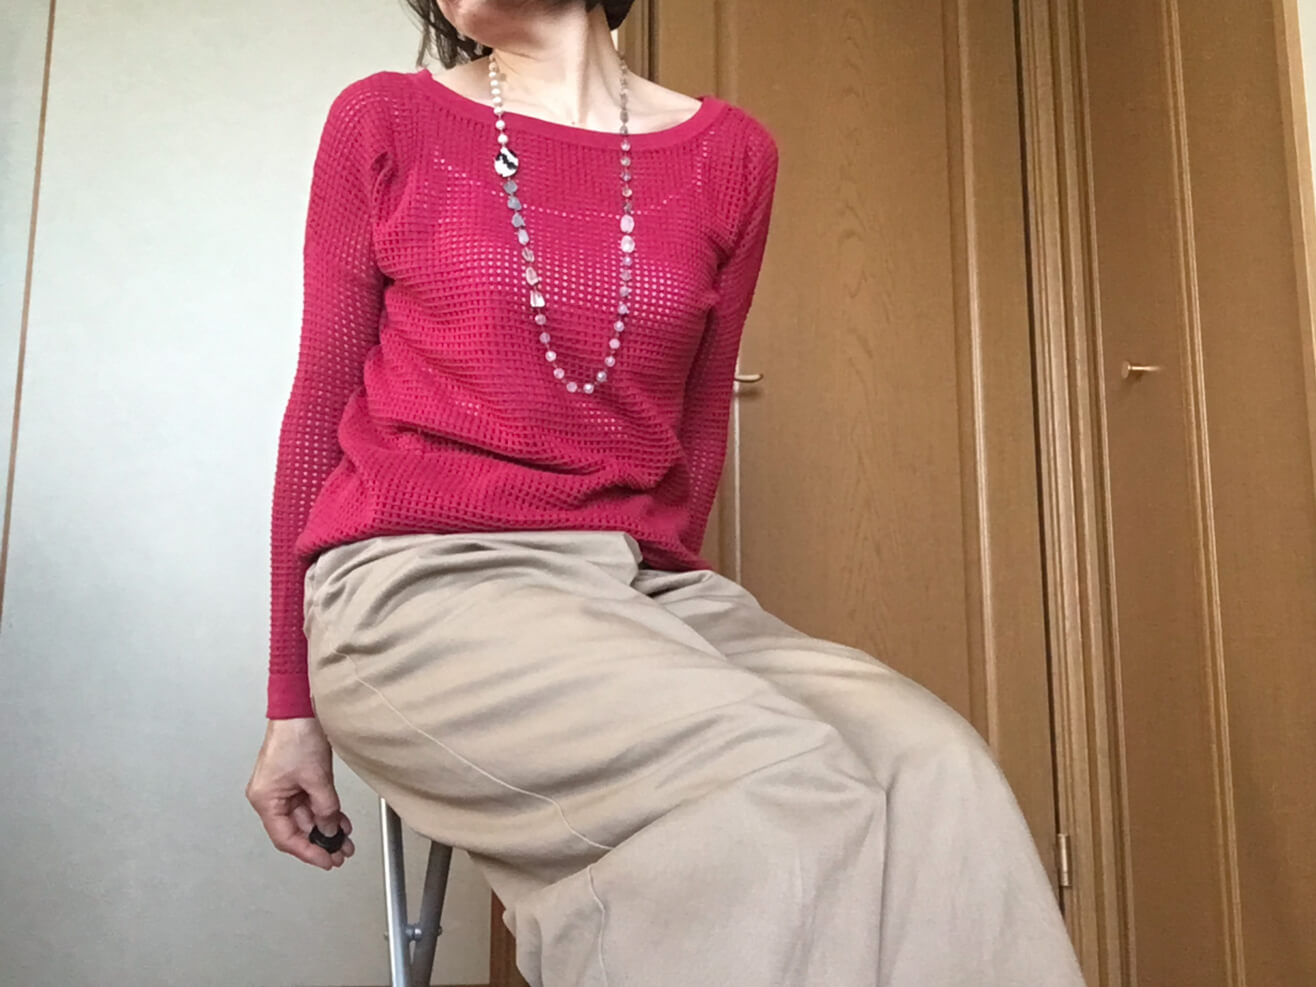 鮮やかなピンクのニットと古着のパンツをコーディネートした写真